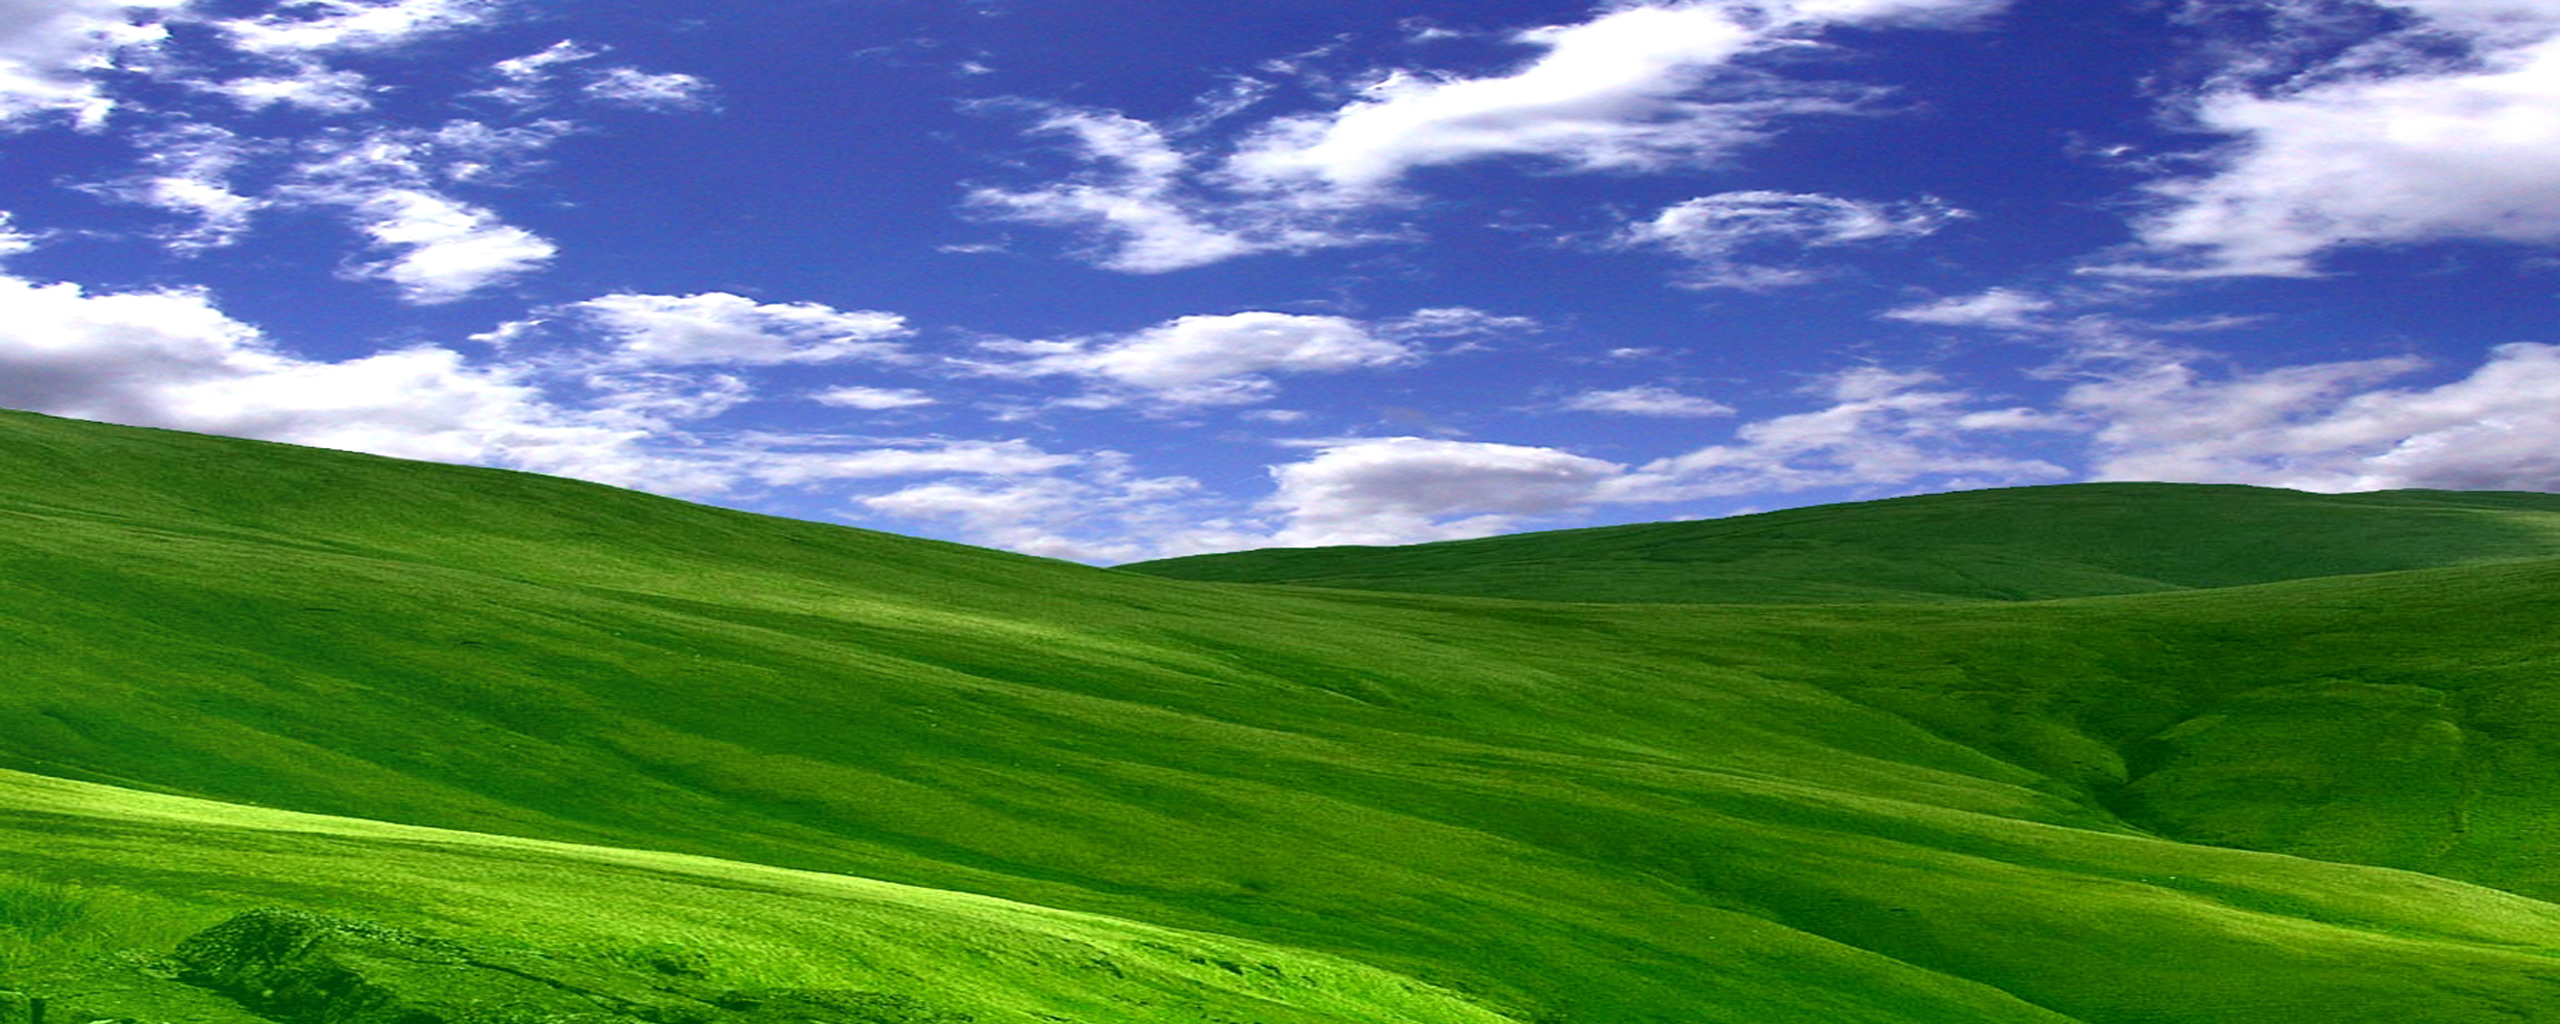 dual screen wallpaper Cloudy World 2560x1024